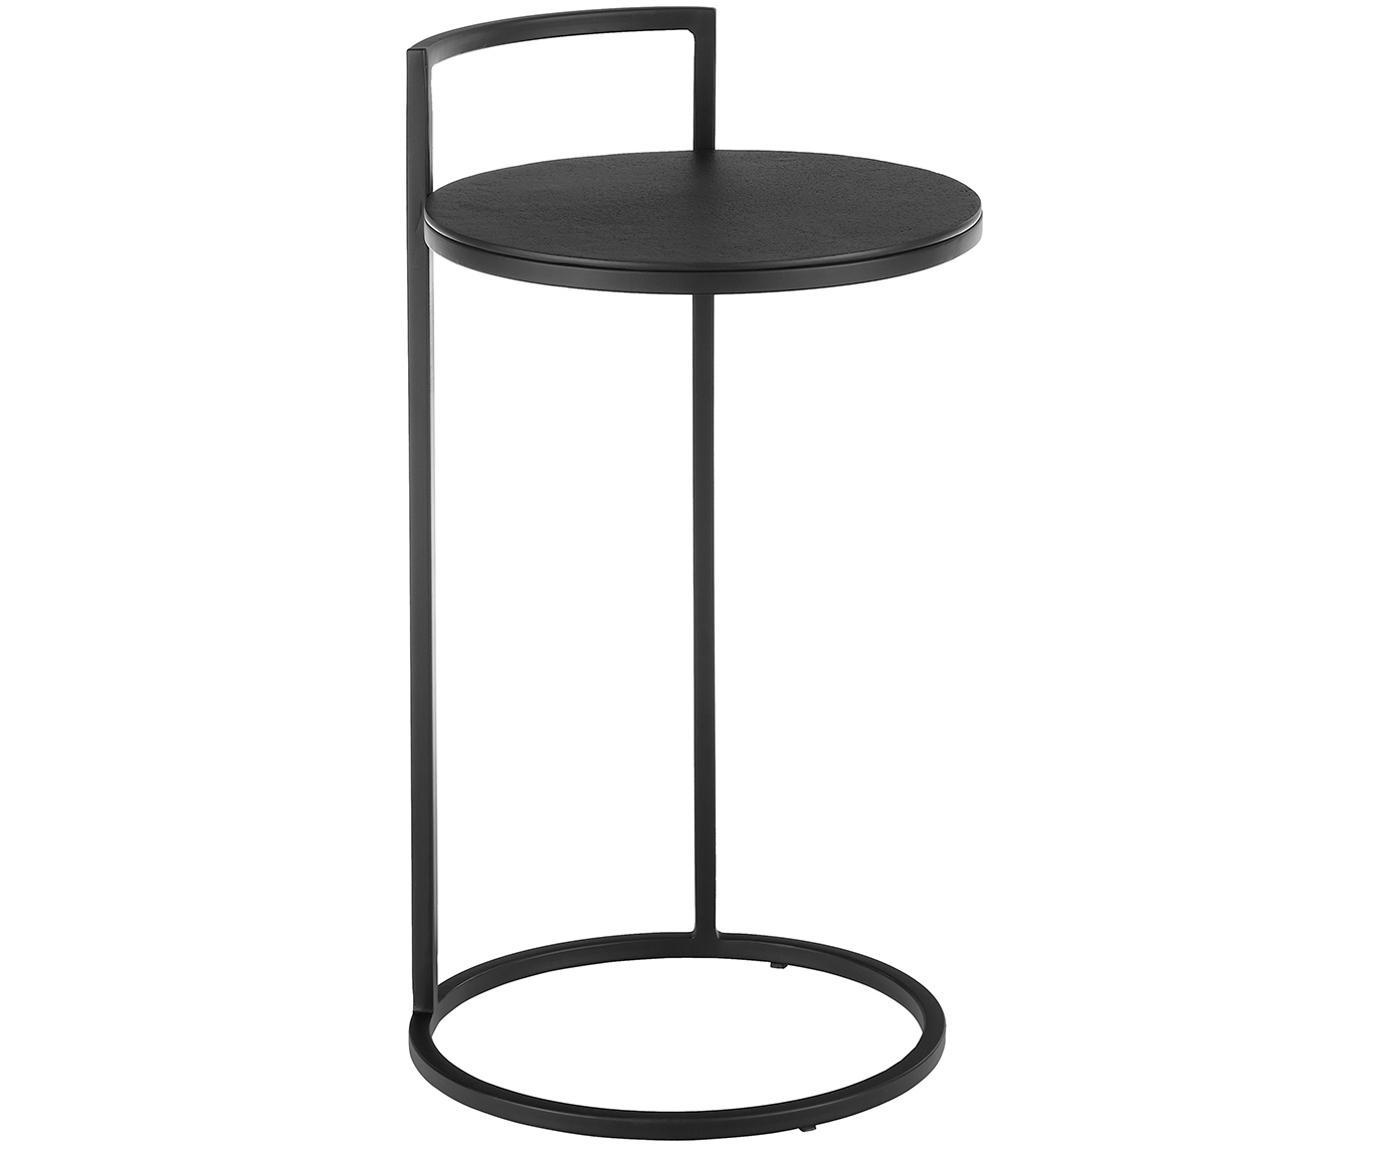 Okrągły stolik pomocniczy z metalu Circle, Blat: metal powlekany, Stelaż: metal malowany proszkowo, Blat: czarny z antycznym wykończeniem Stelaż: czarny, matowy, Ø 36 x W 66 cm